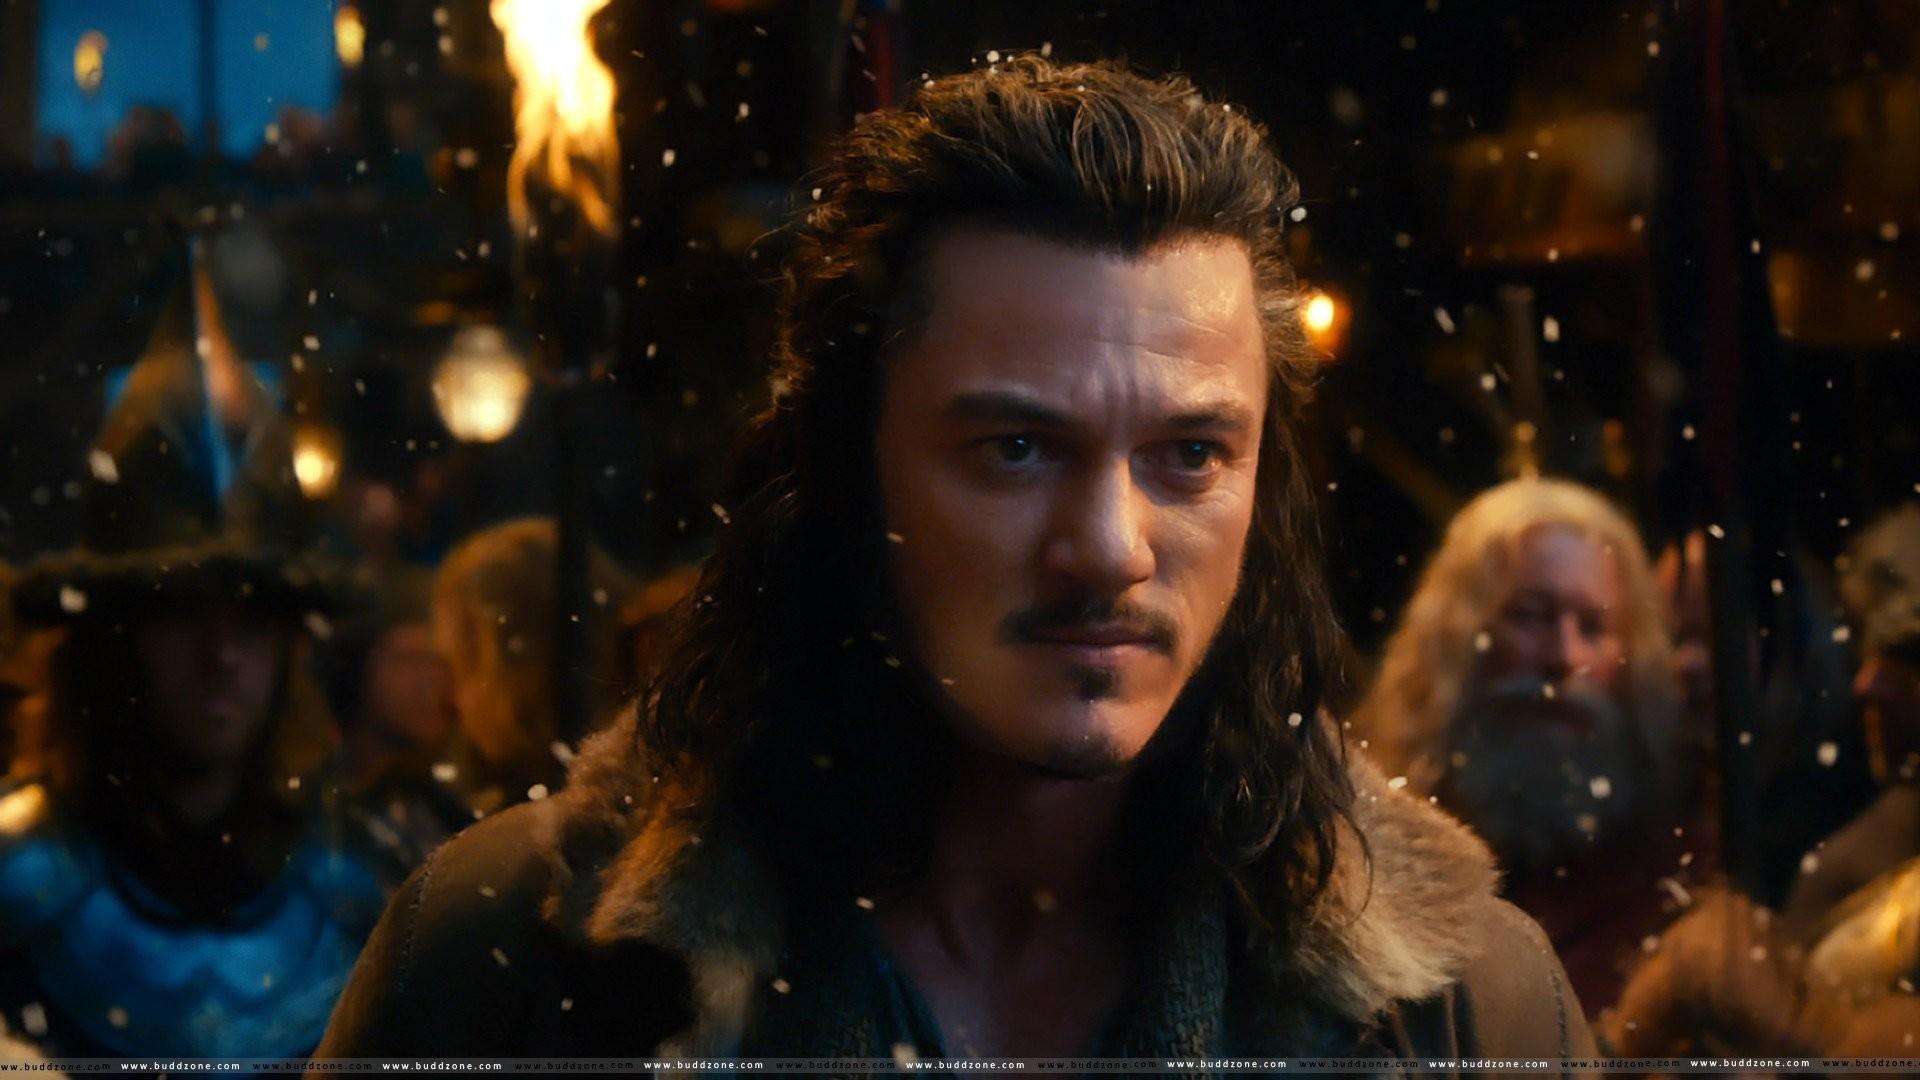 Fire elf hobbit lord rings lotr fantasy movie film smog desolation wallpaper  | | 281716 | WallpaperUP